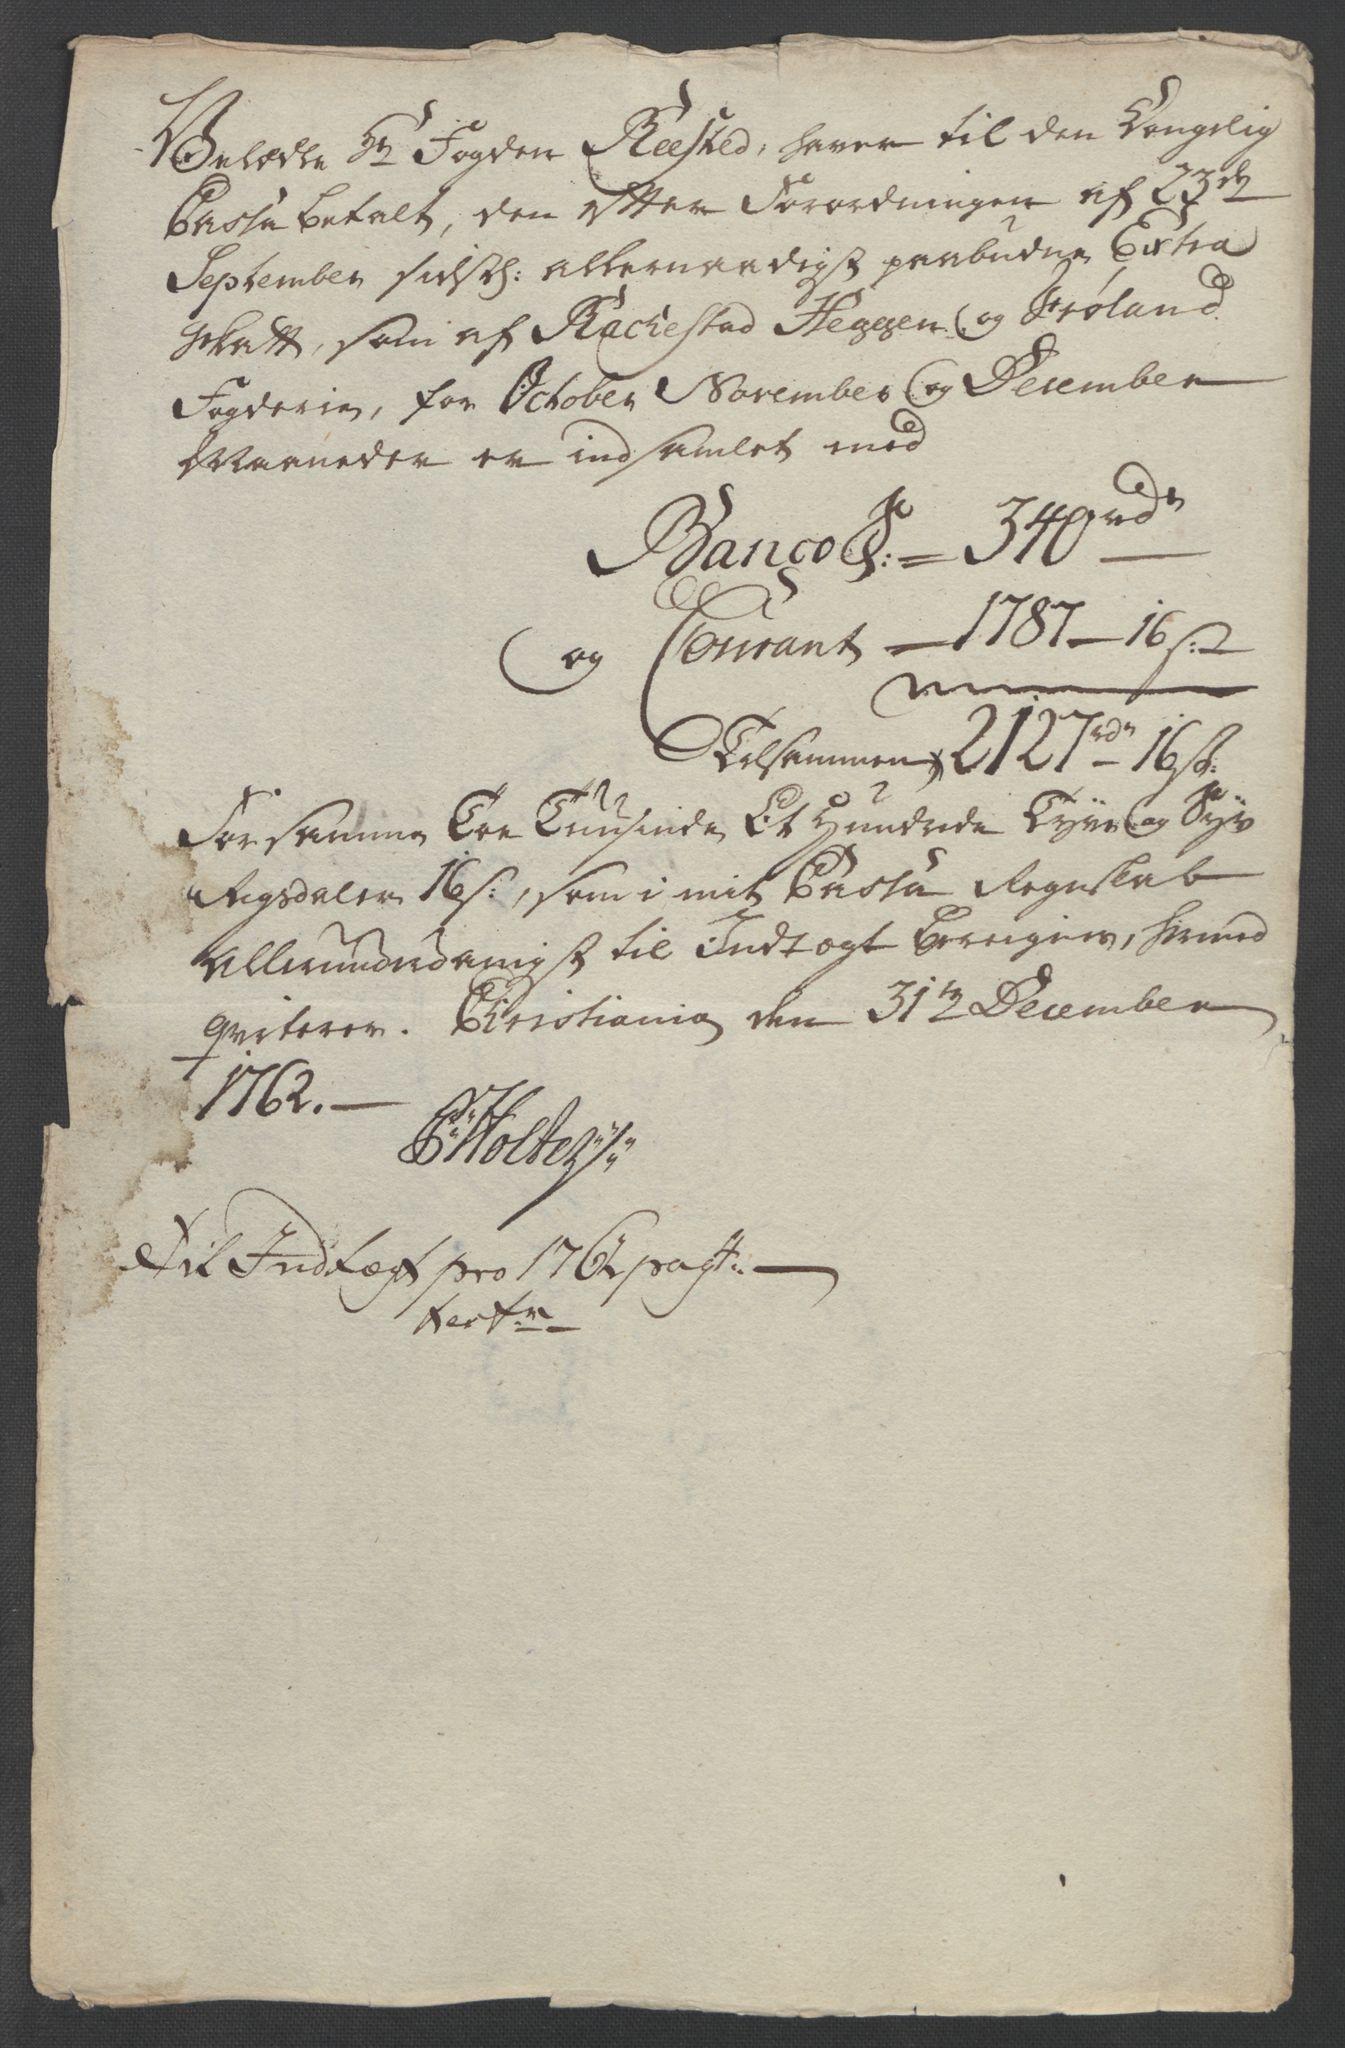 RA, Rentekammeret inntil 1814, Reviderte regnskaper, Fogderegnskap, R07/L0413: Ekstraskatten Rakkestad, Heggen og Frøland, 1762-1772, s. 35